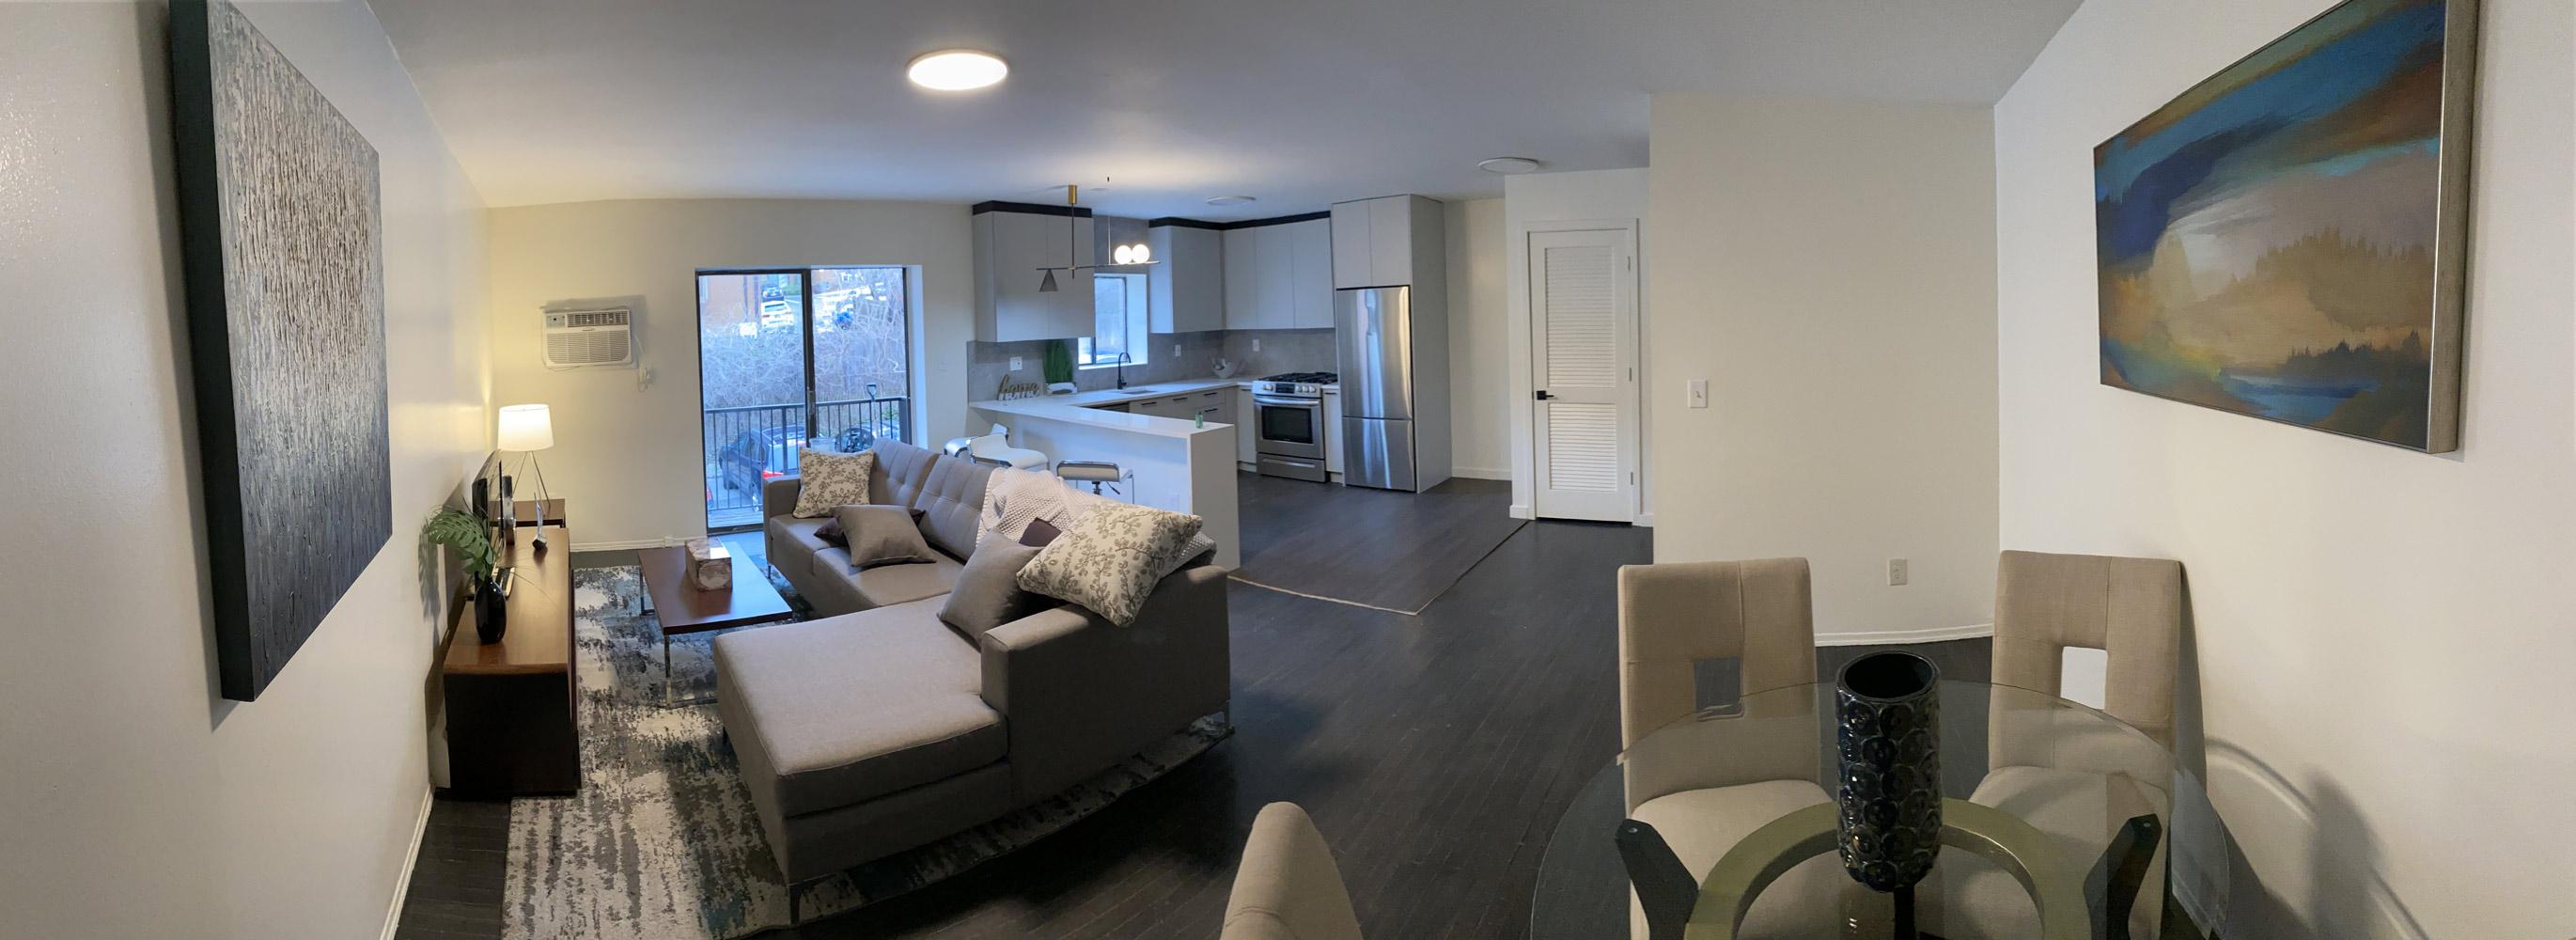 Stylish Interiors at Riverview at Nyack Apartments in Nyack, New York